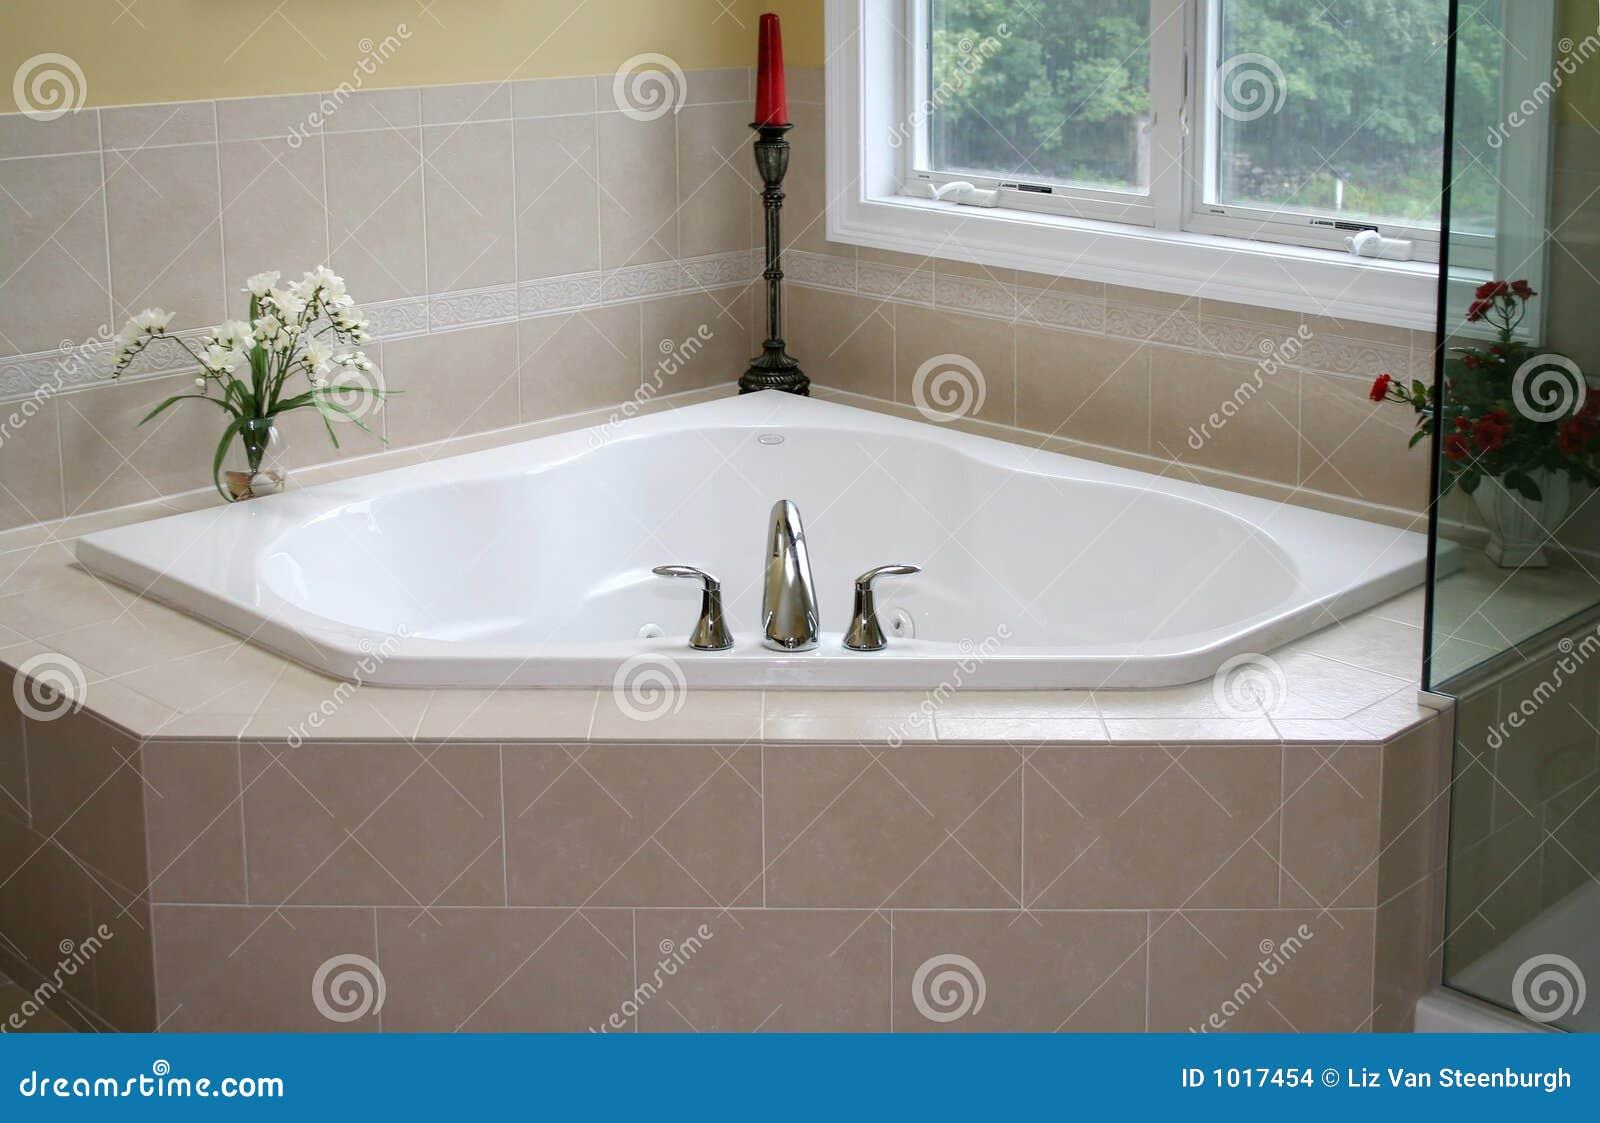 moderne badewanne stockbilder bild 1017454. Black Bedroom Furniture Sets. Home Design Ideas